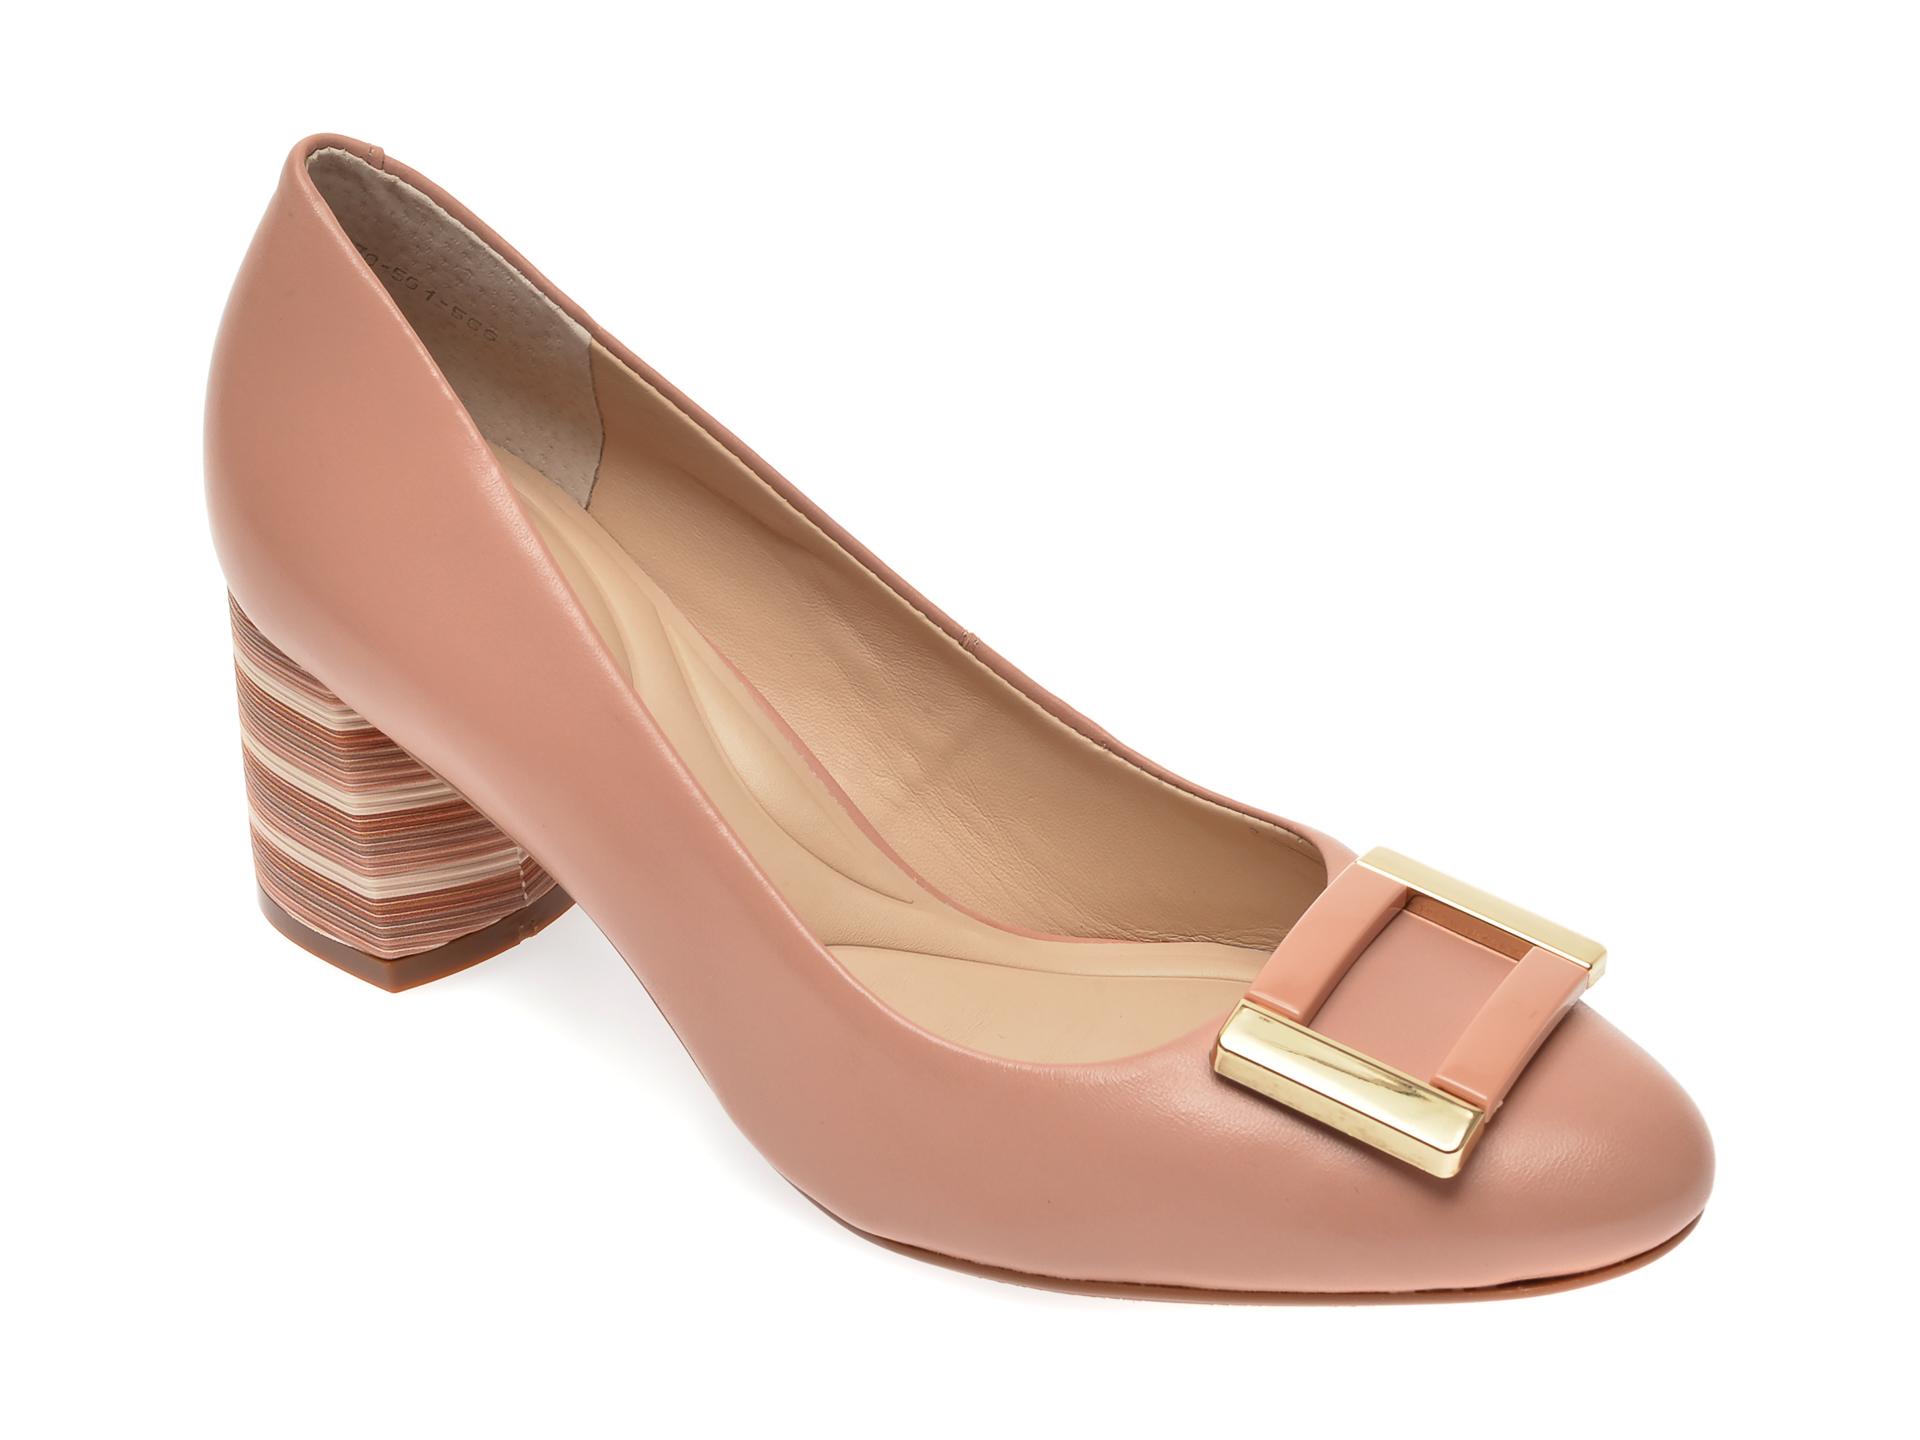 Pantofi EPICA nude, 1678561, din piele naturala